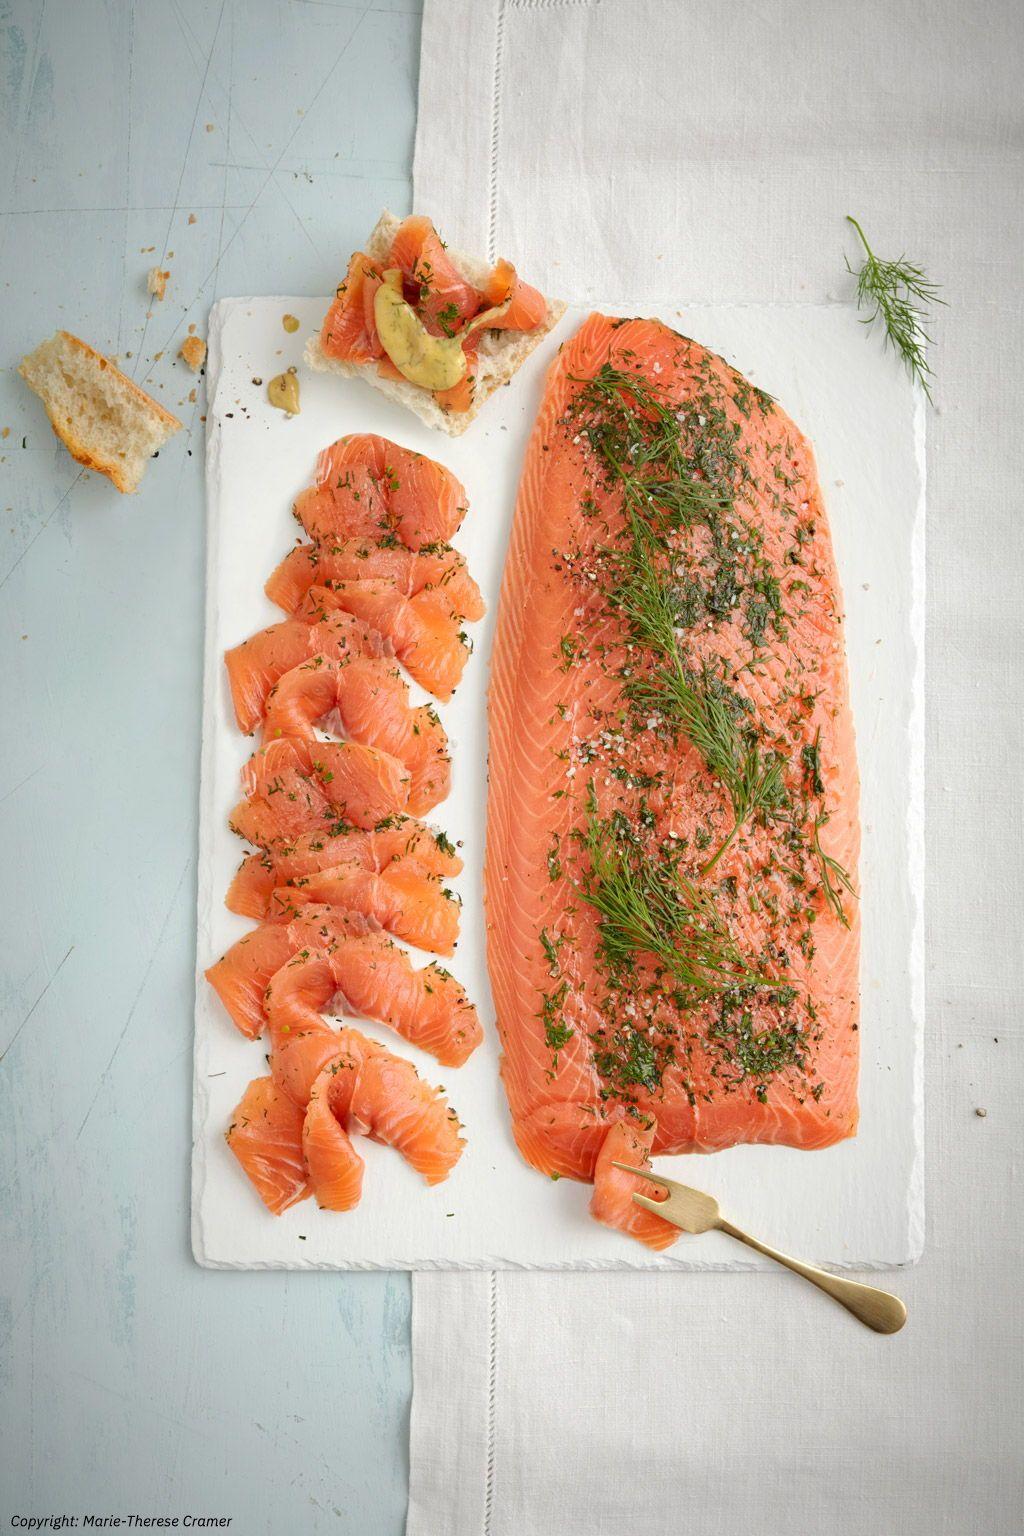 Gebeizter Lachs als Vorspeise – Fabios Festtagsmenü #easyshrimprecipes